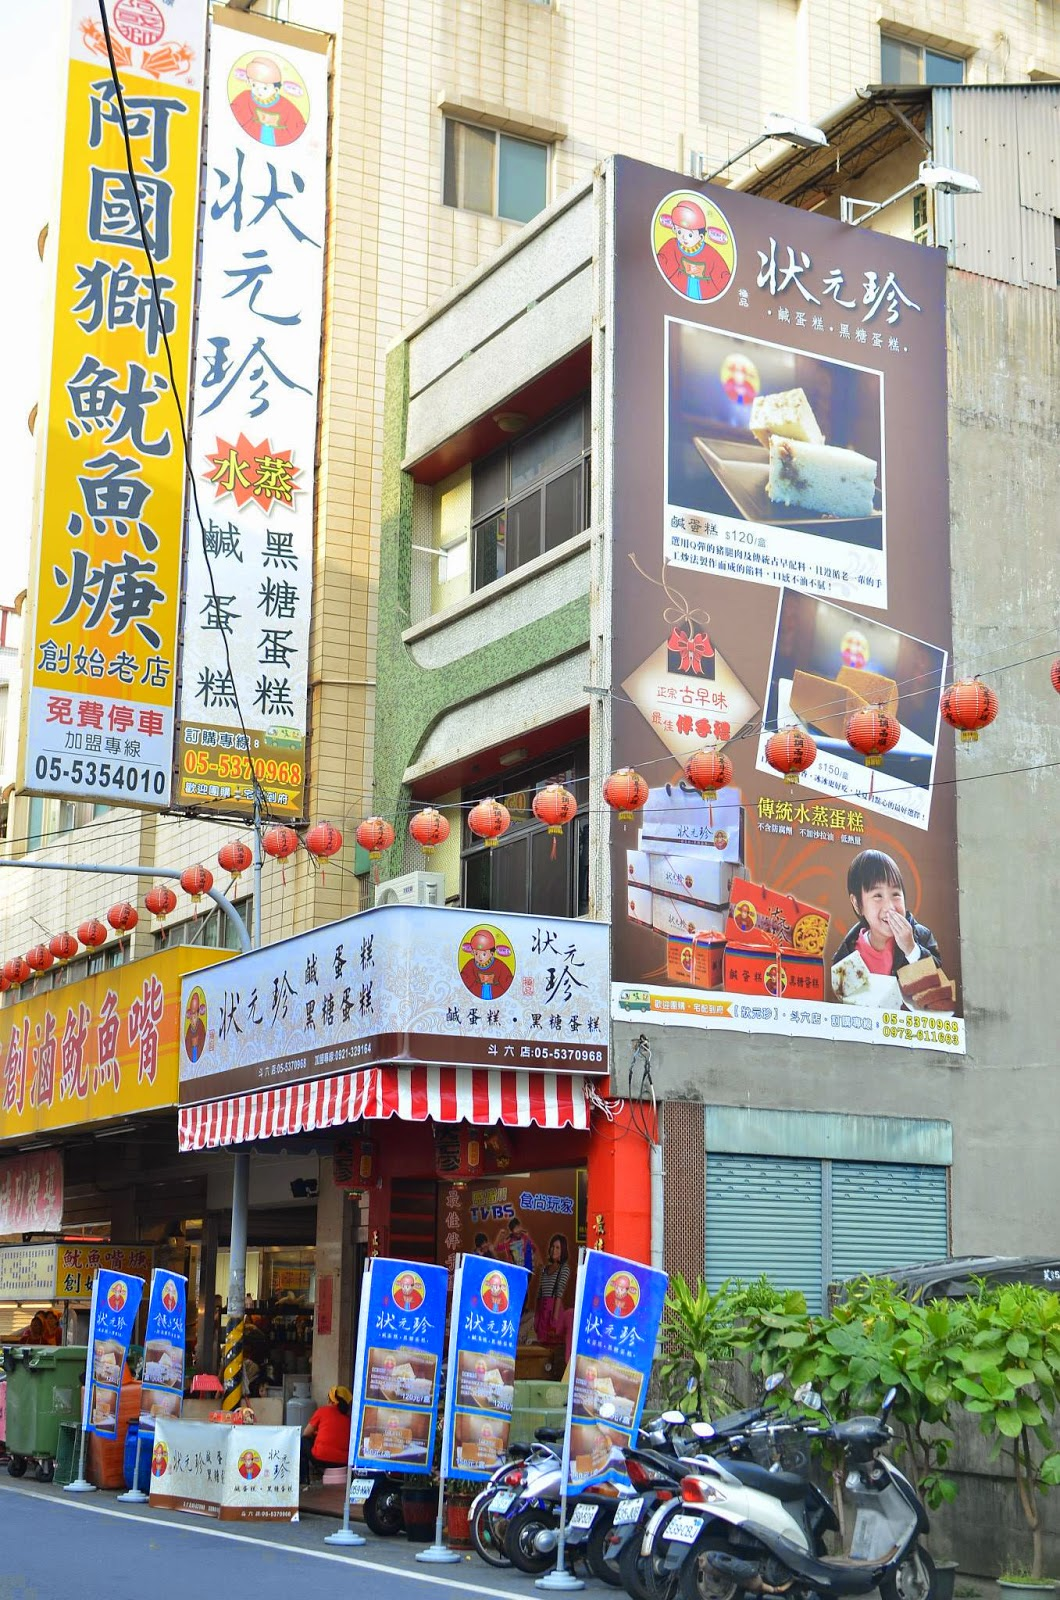 狀元珍水蒸蛋糕 斗六旗艦店